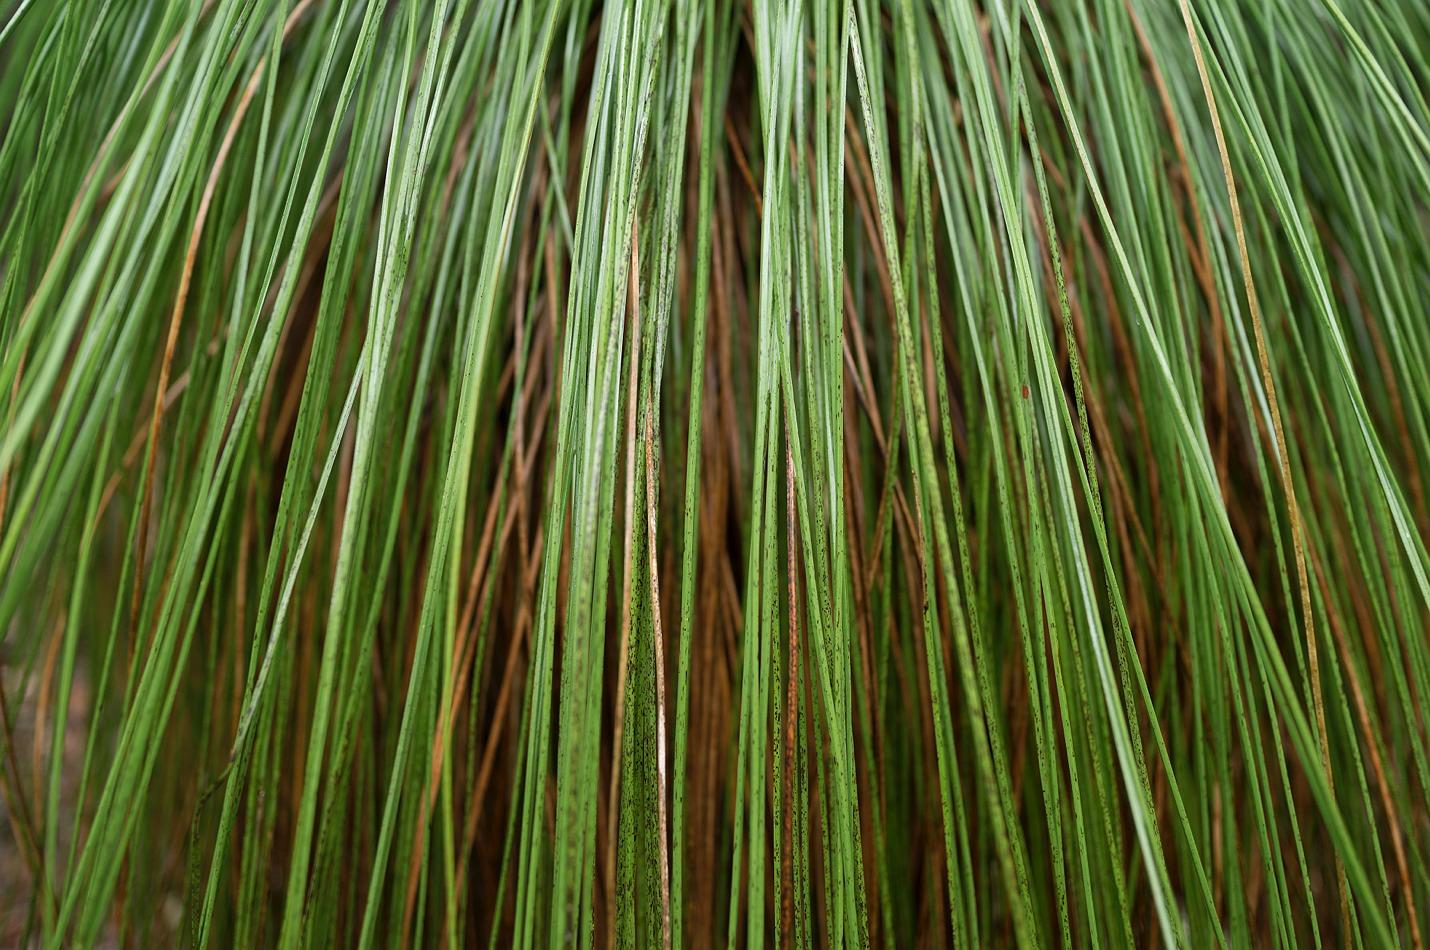 lake_navarino_grass_trees_07